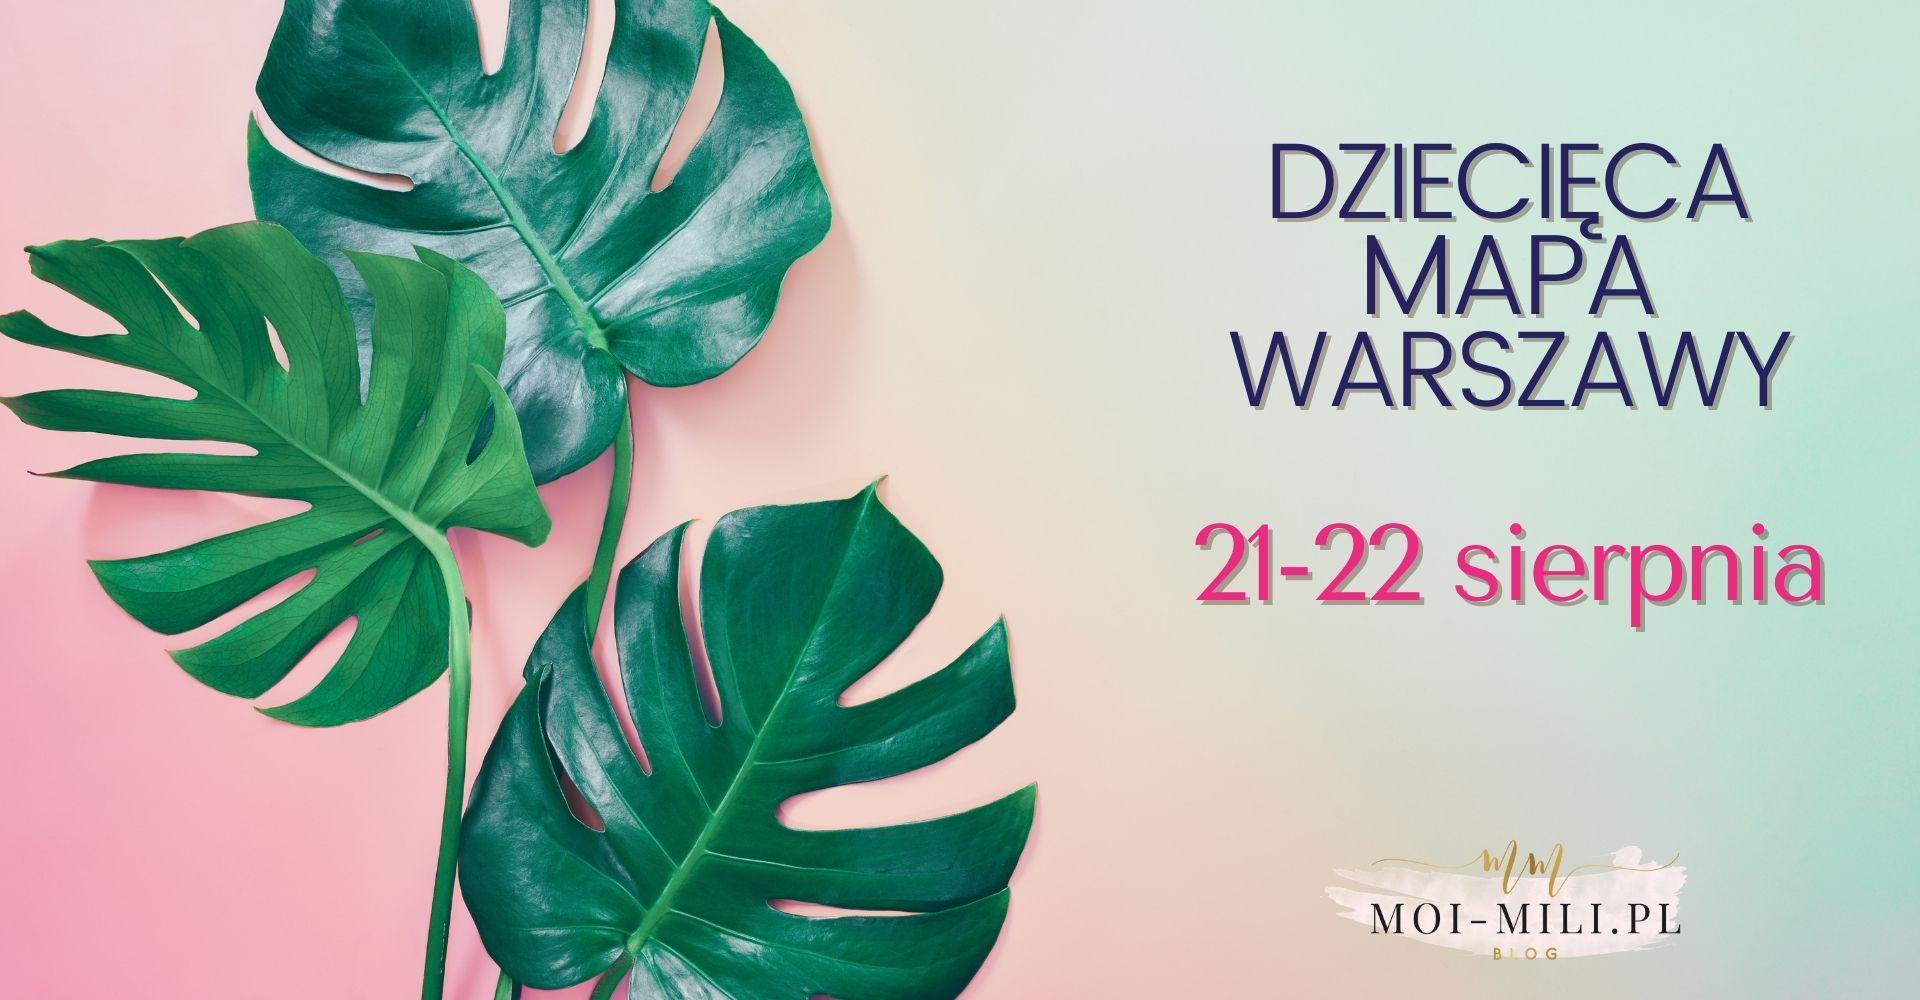 Weekendowa Zajawka, czyli co robić z dzieckiem w Warszawie 21–22 sierpnia